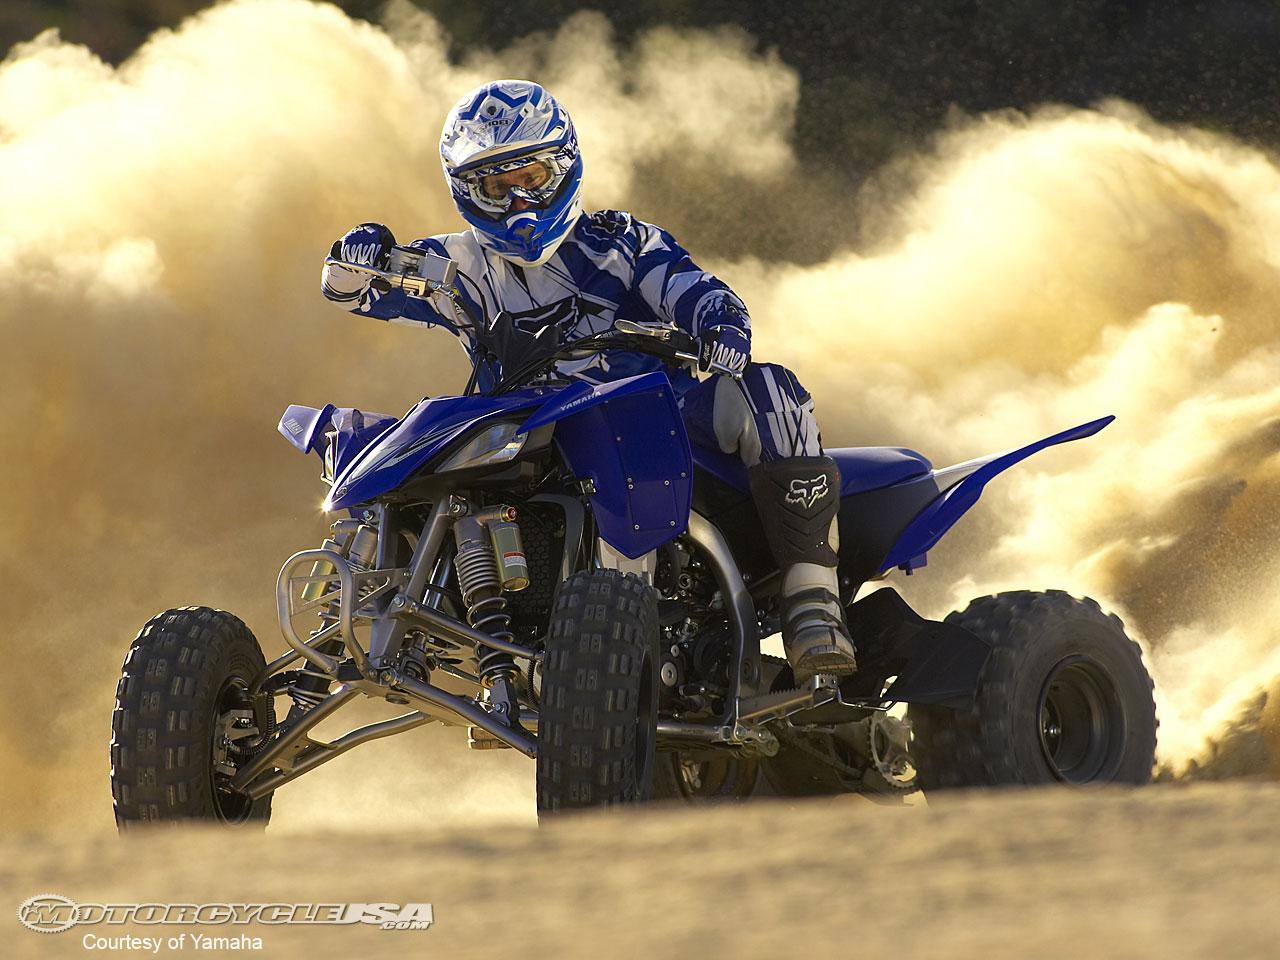 Yamaha Yfz 450 HD wallpapers, Desktop wallpaper - most viewed